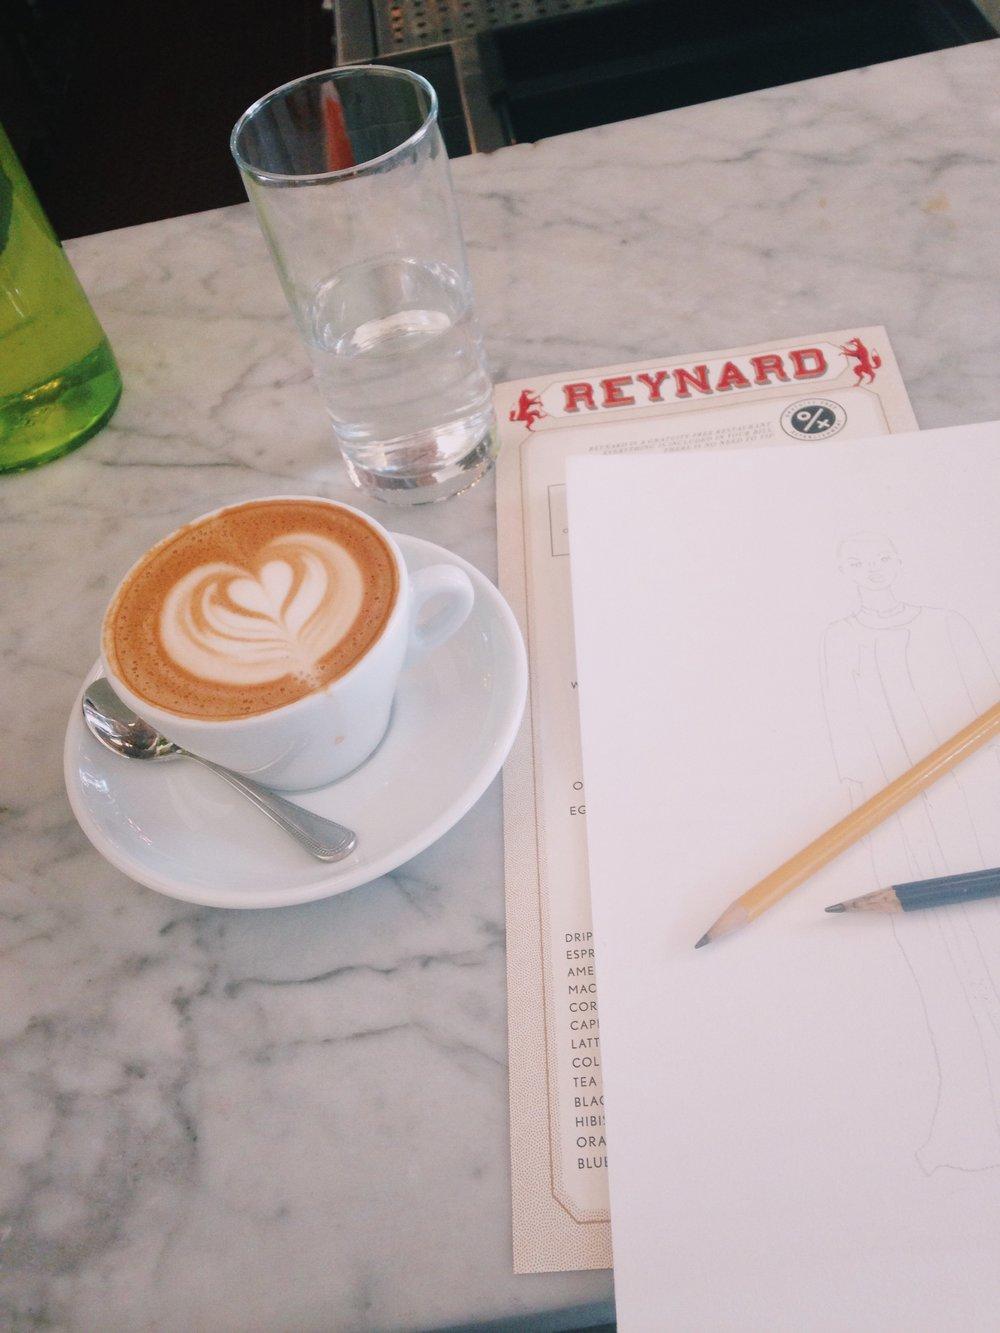 Reynard at the Wyeth Hotel